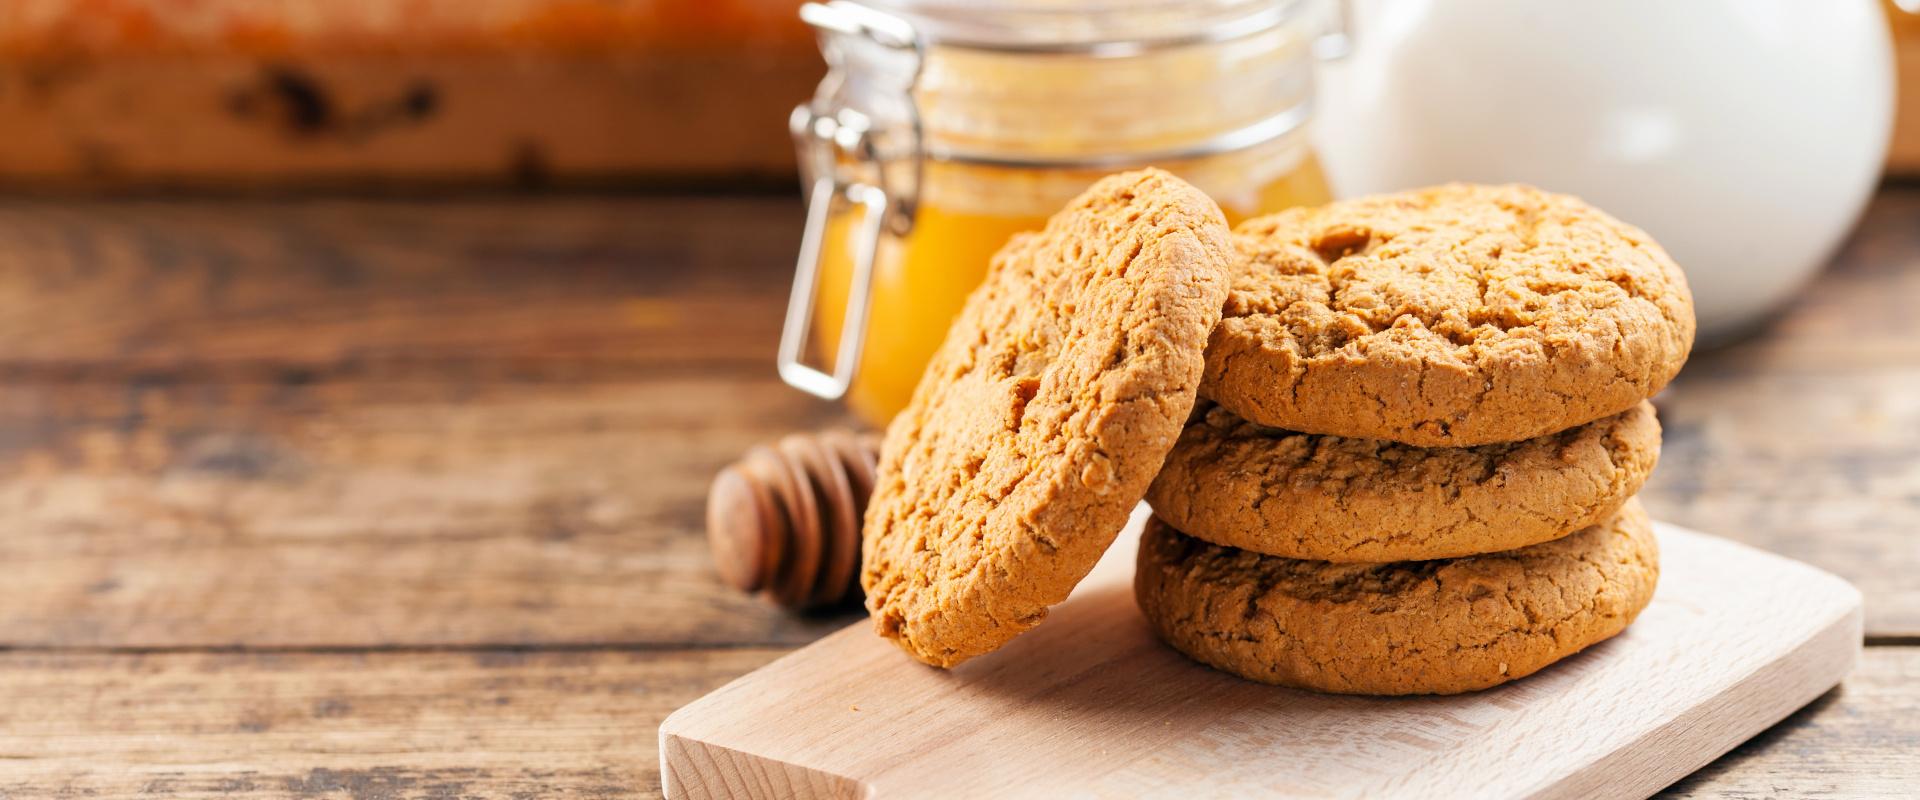 teljeskiőrlésű mézes keksz cover